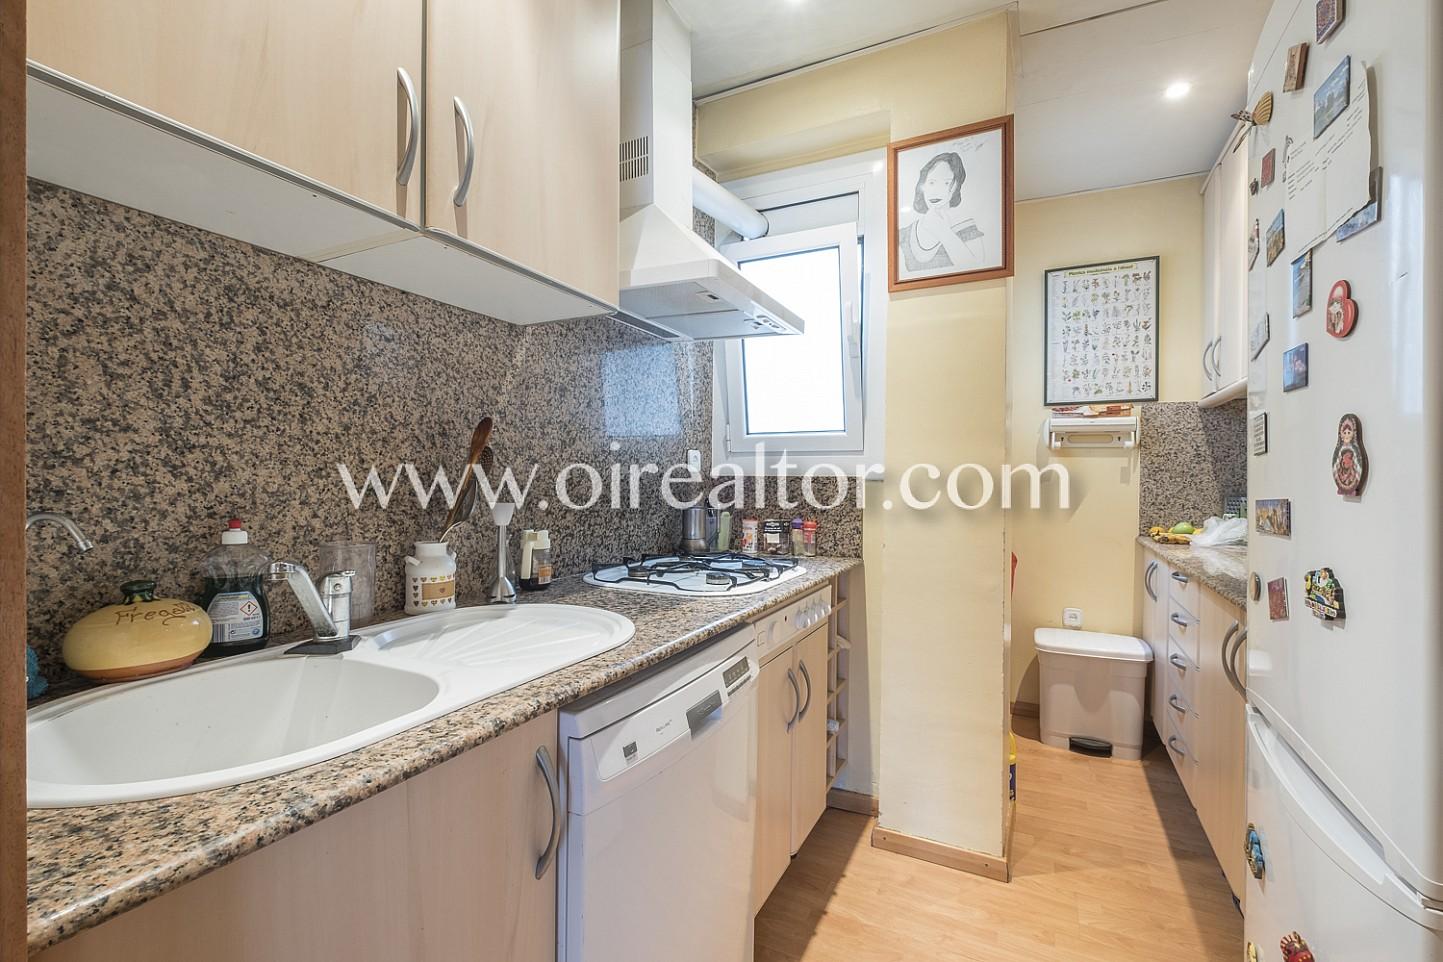 Cocina, electrodomésticos, cocina equipada, cocina independiente, cocina con electrodomésticos